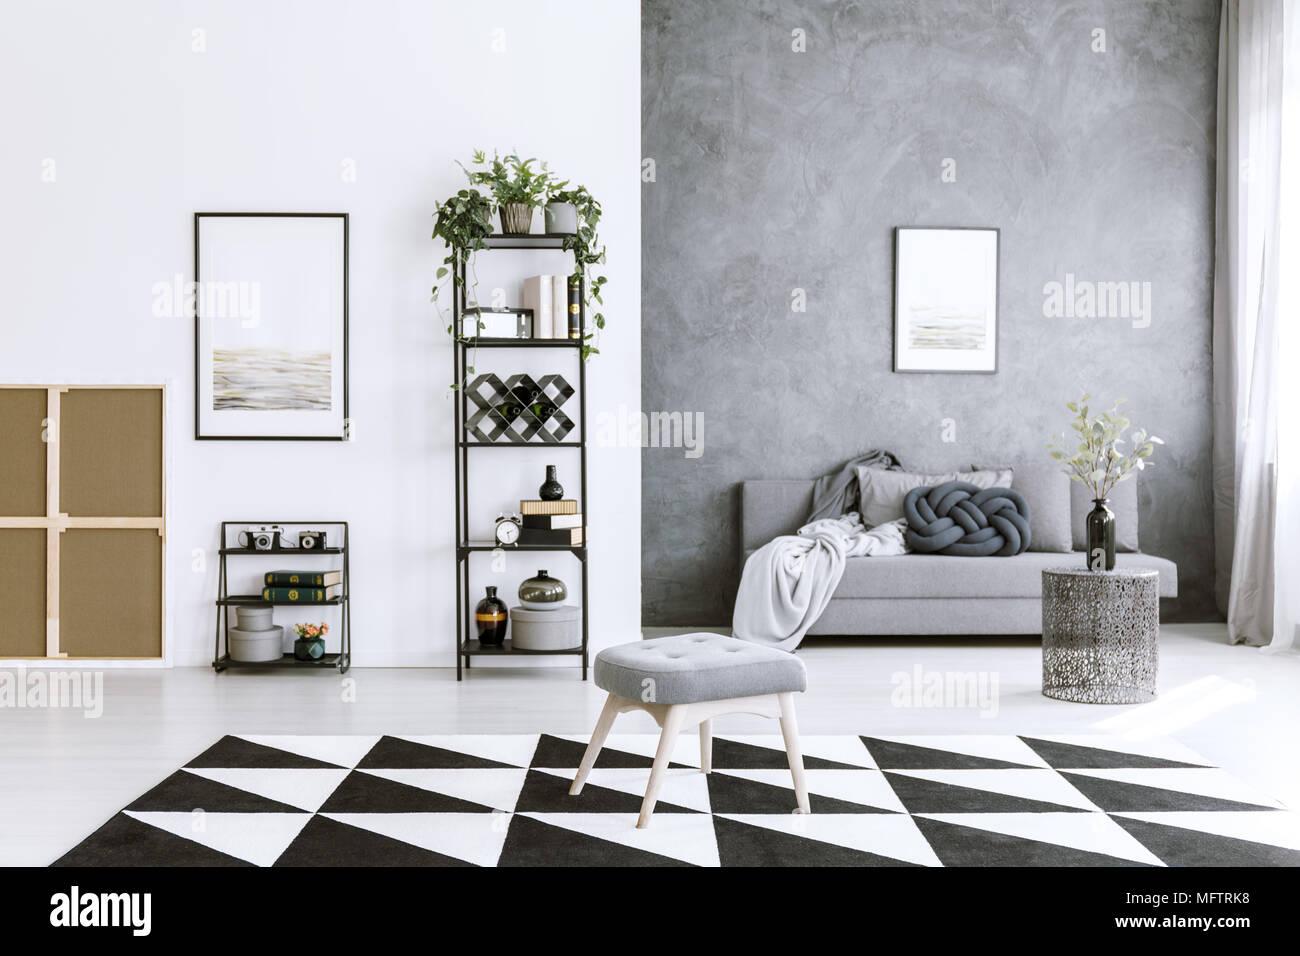 Geometrische Teppich im Wohnzimmer Interieur mit Metall ...